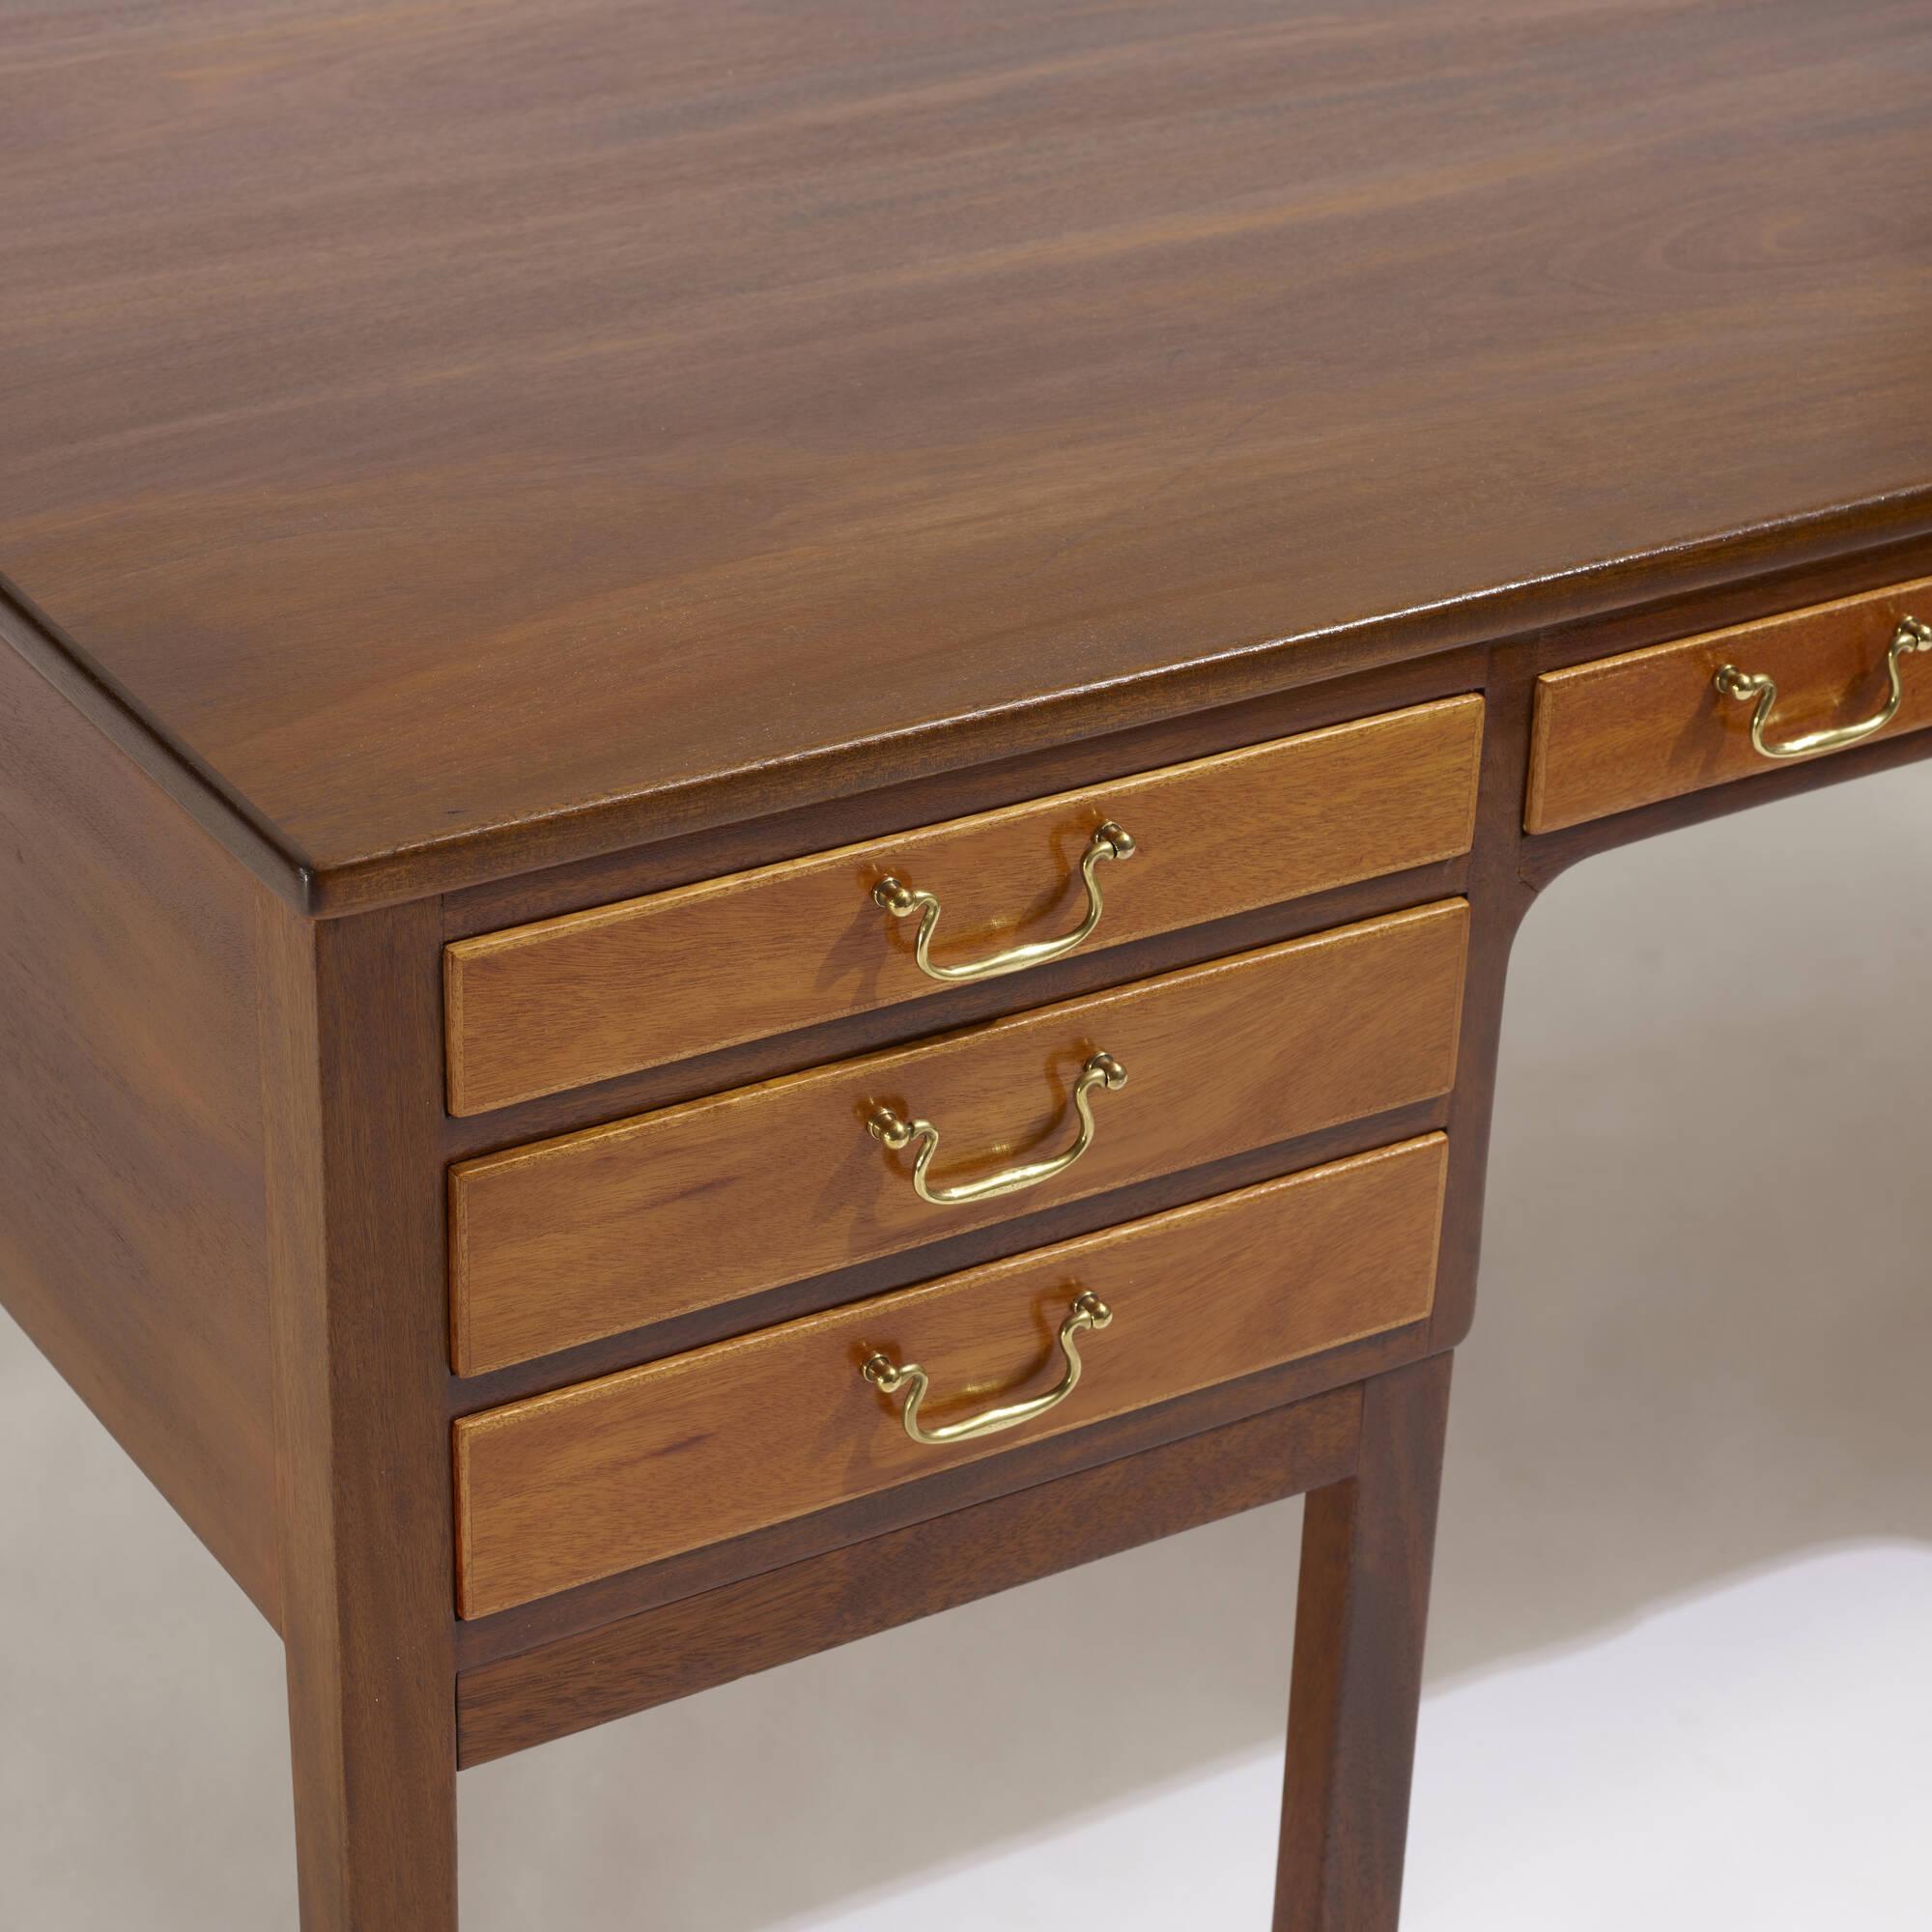 242: Ole Wanscher / rare desk (3 of 3)